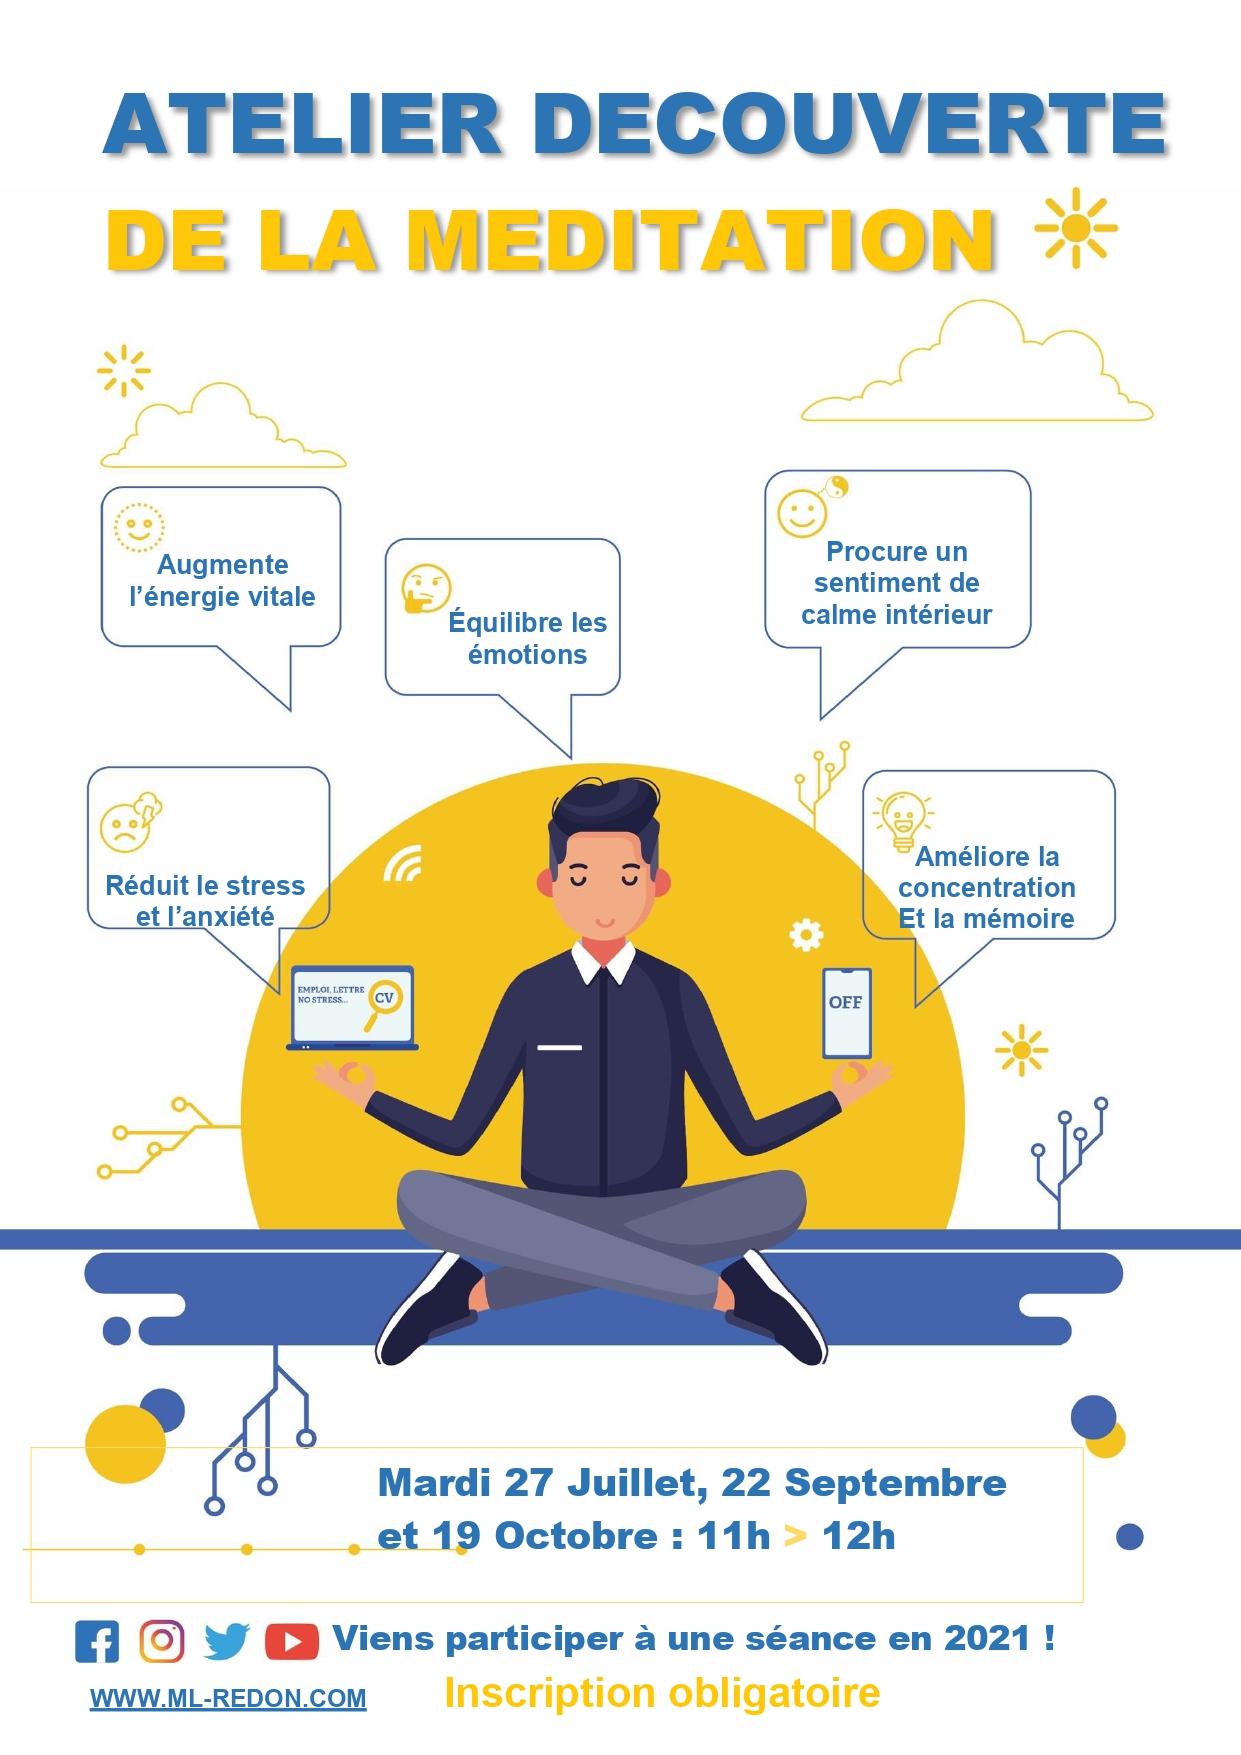 Atelier découverte de la méditation @ Mission locale Pays de redon et de Vilaine